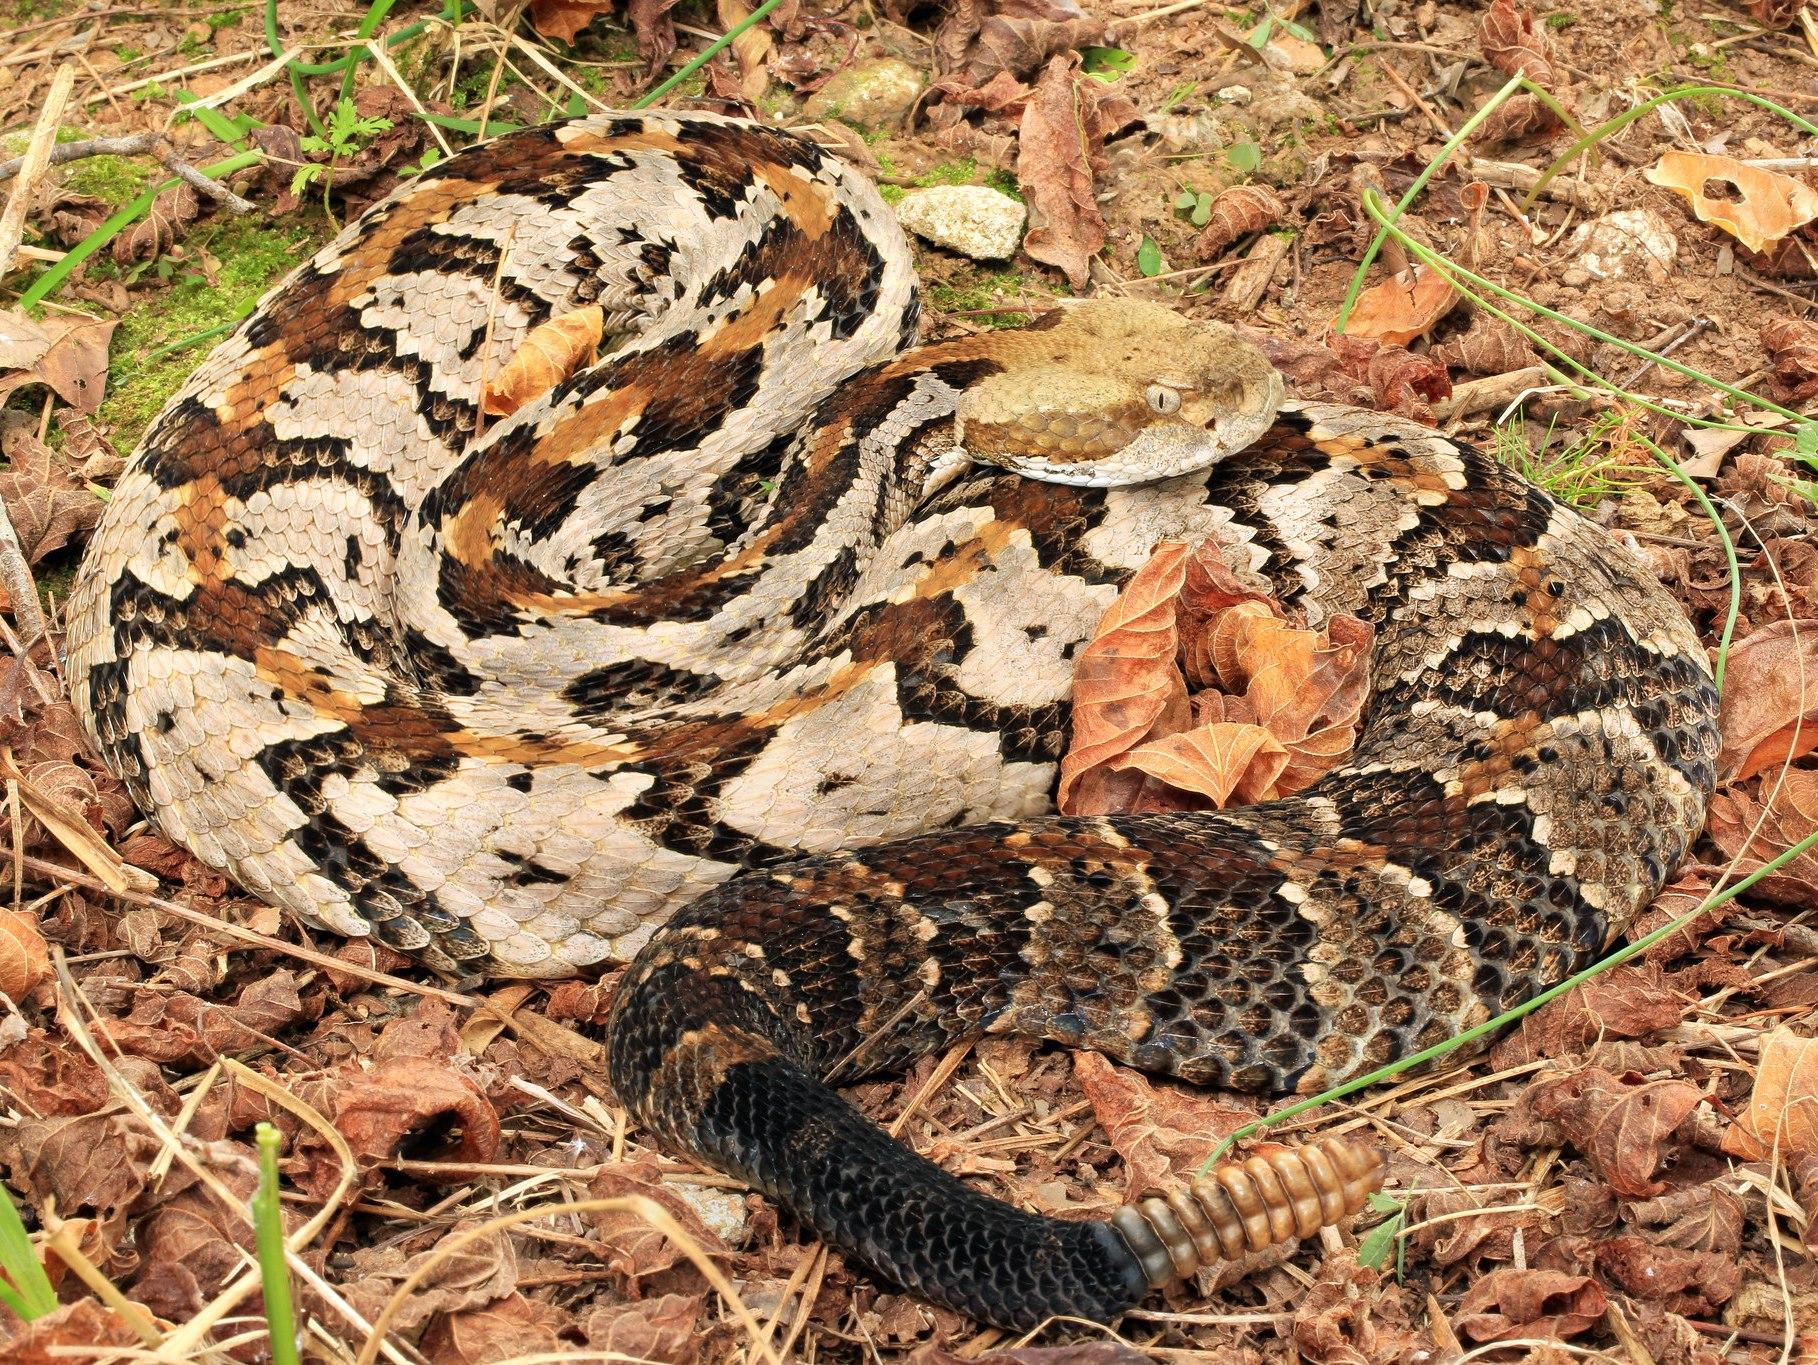 Timber Rattlesnake - Credit: Alan Cressler